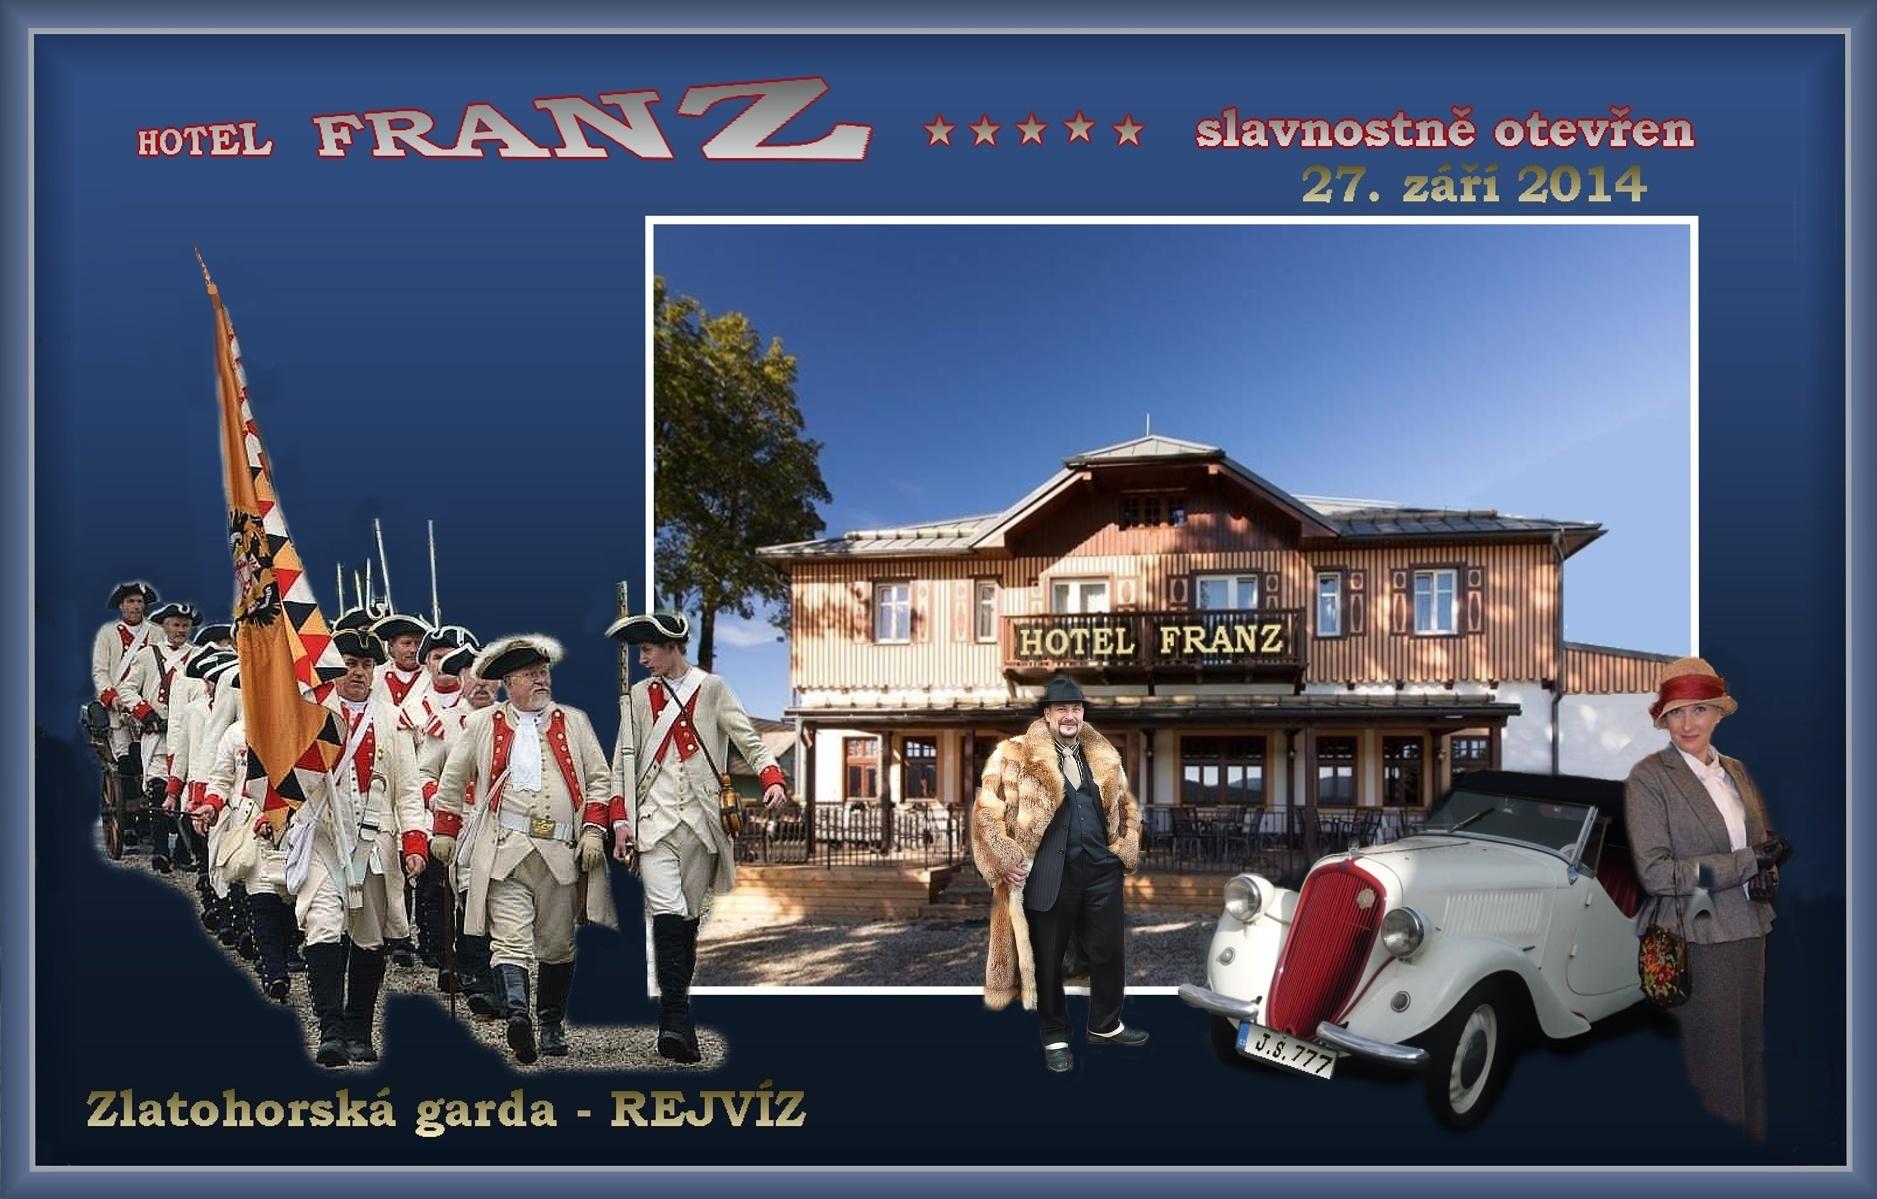 Slavnostní otevření hotelu Franz